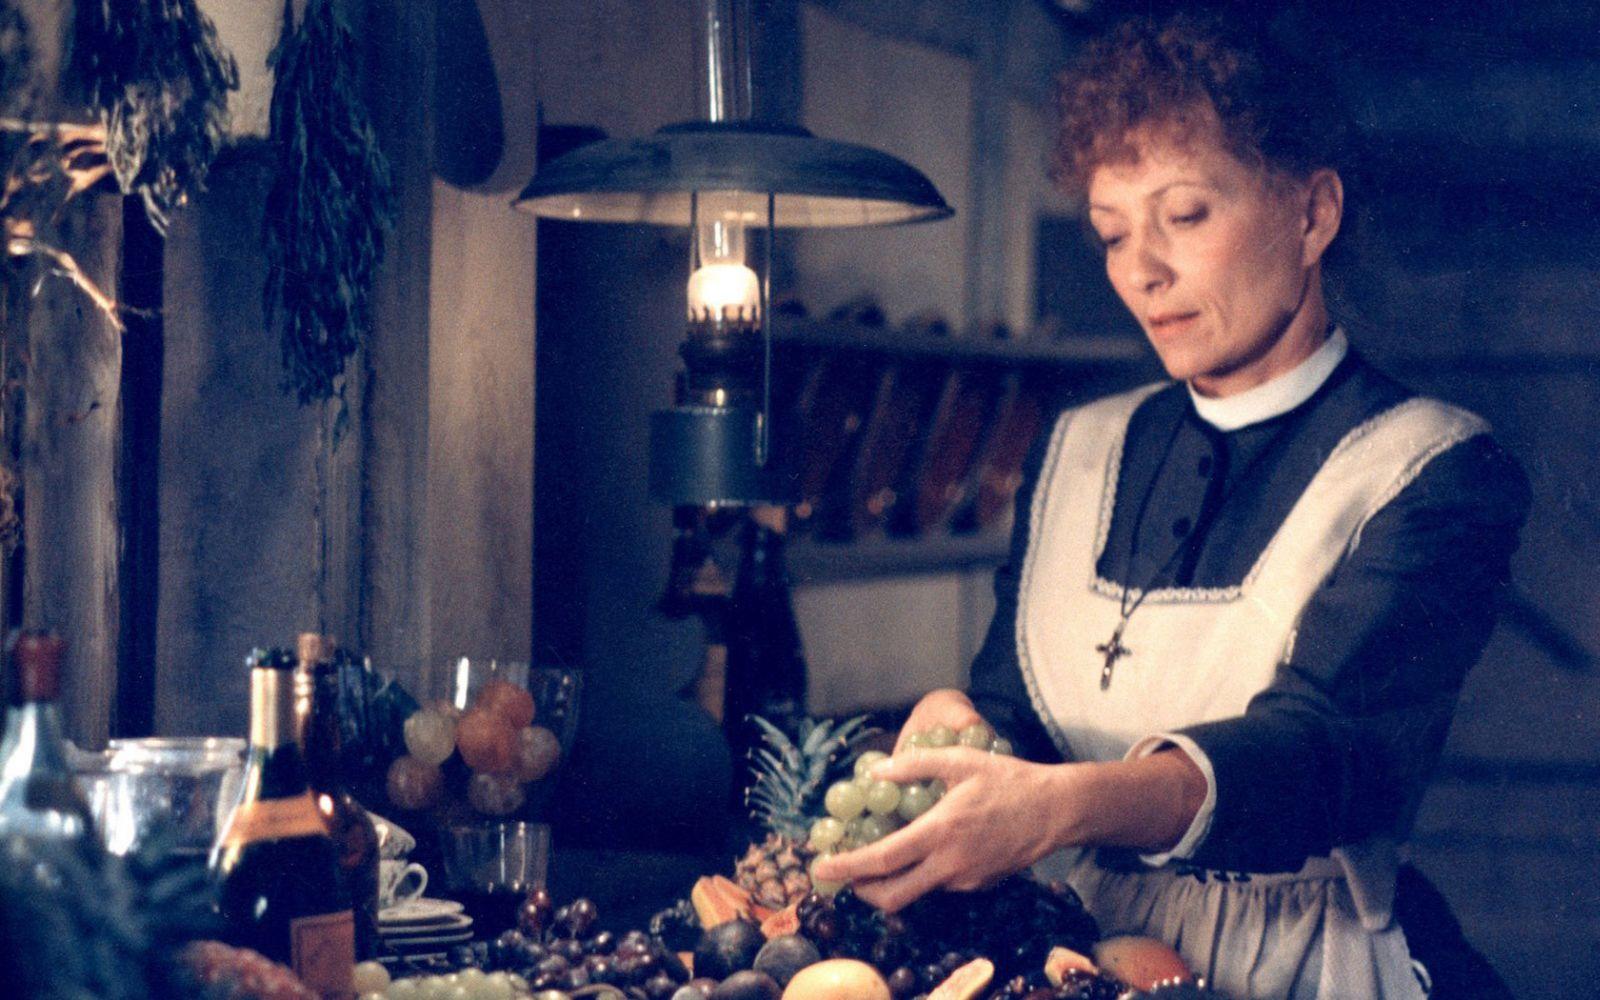 A Casa Di Babette il pranzo di babette, ogni artista non è mai povero | cameralook